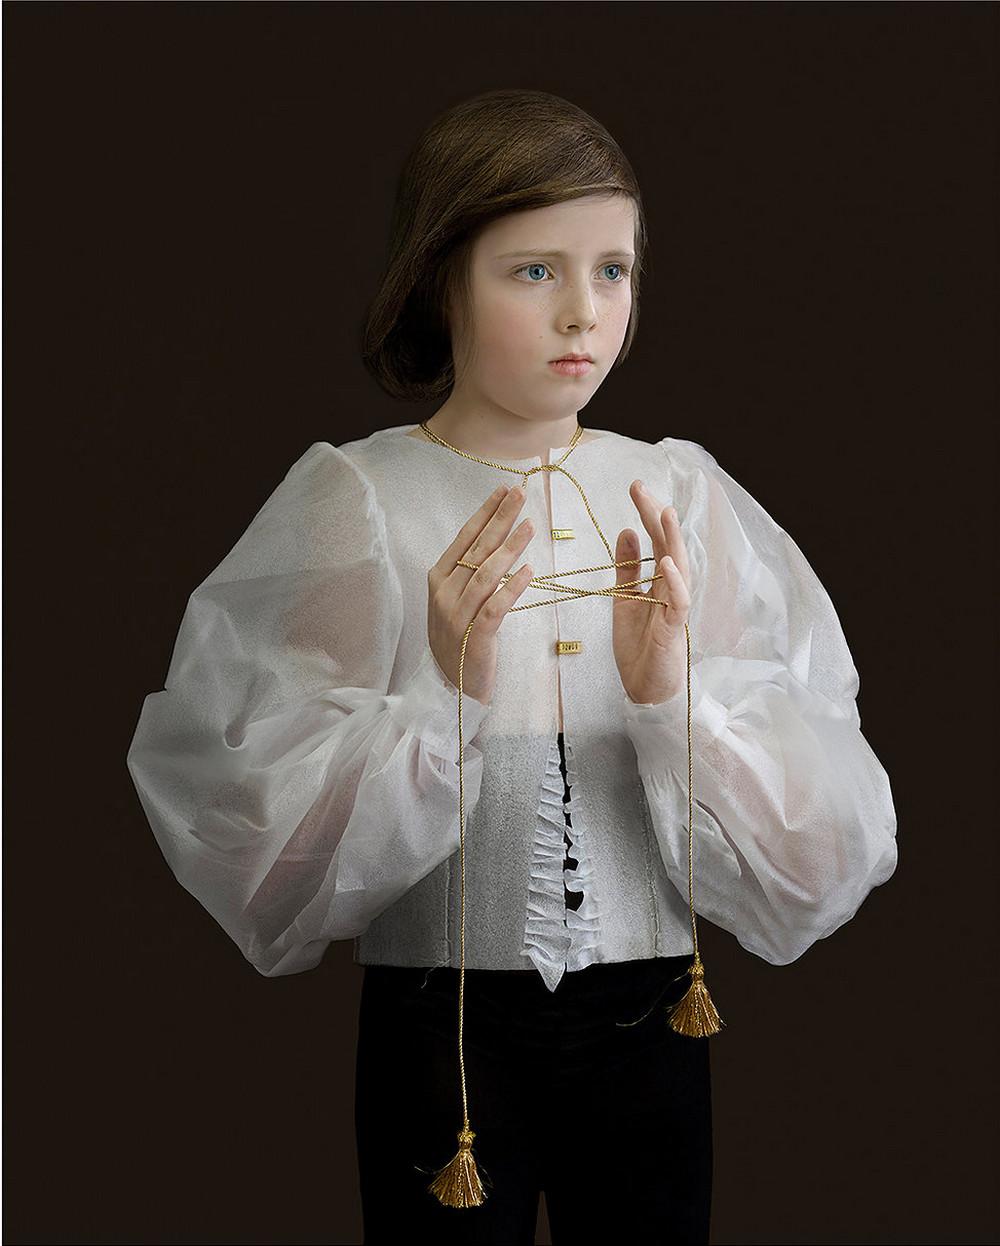 kostyumy-iz-vtorichnyh-materialov-portrety-Syuzanna-Yongmans 21